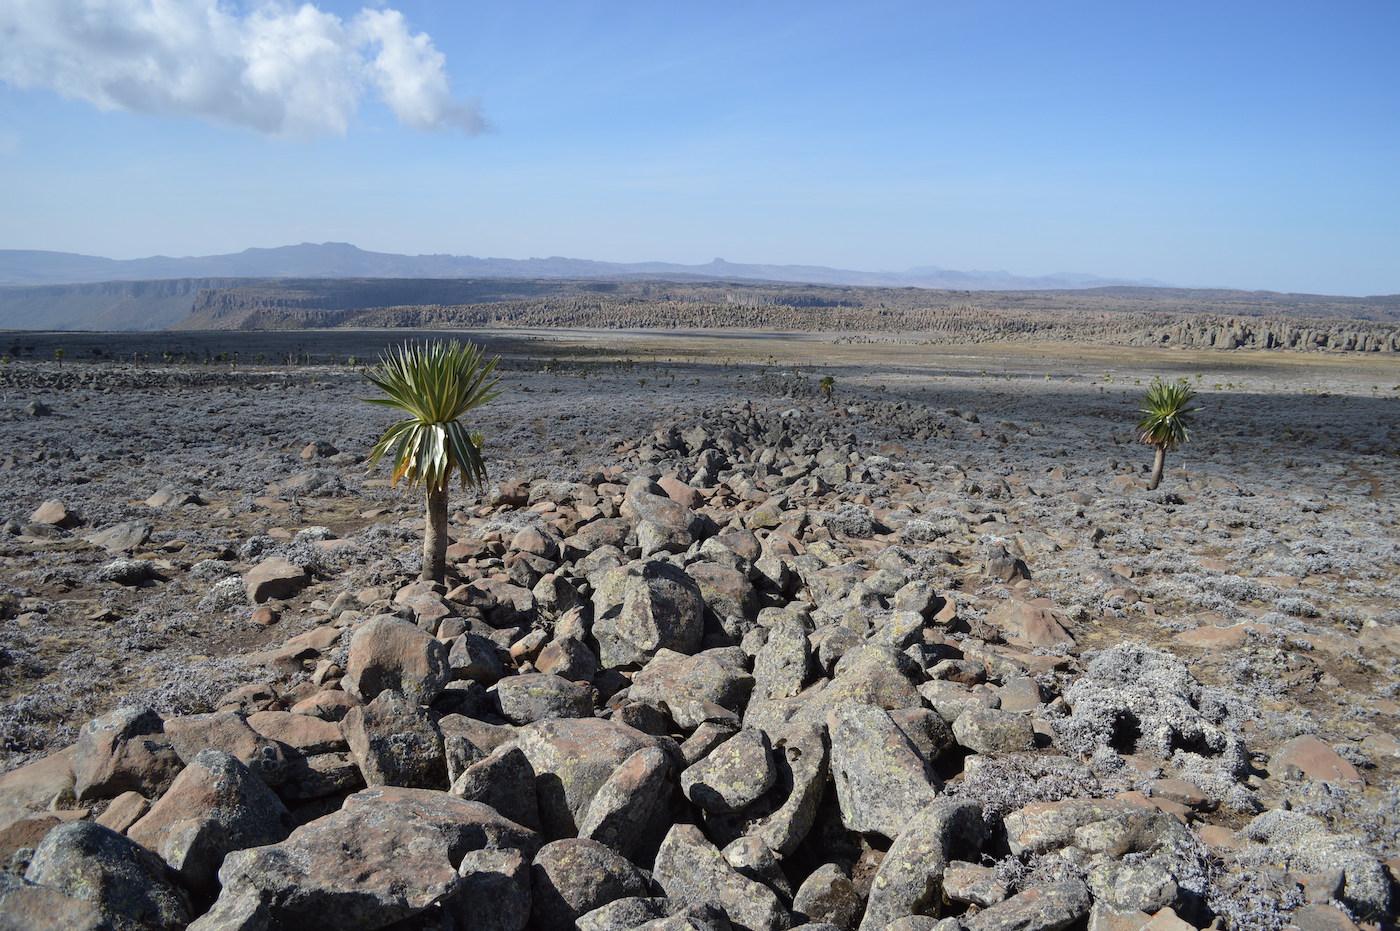 Bale Mountains, Southern Ethiopia.